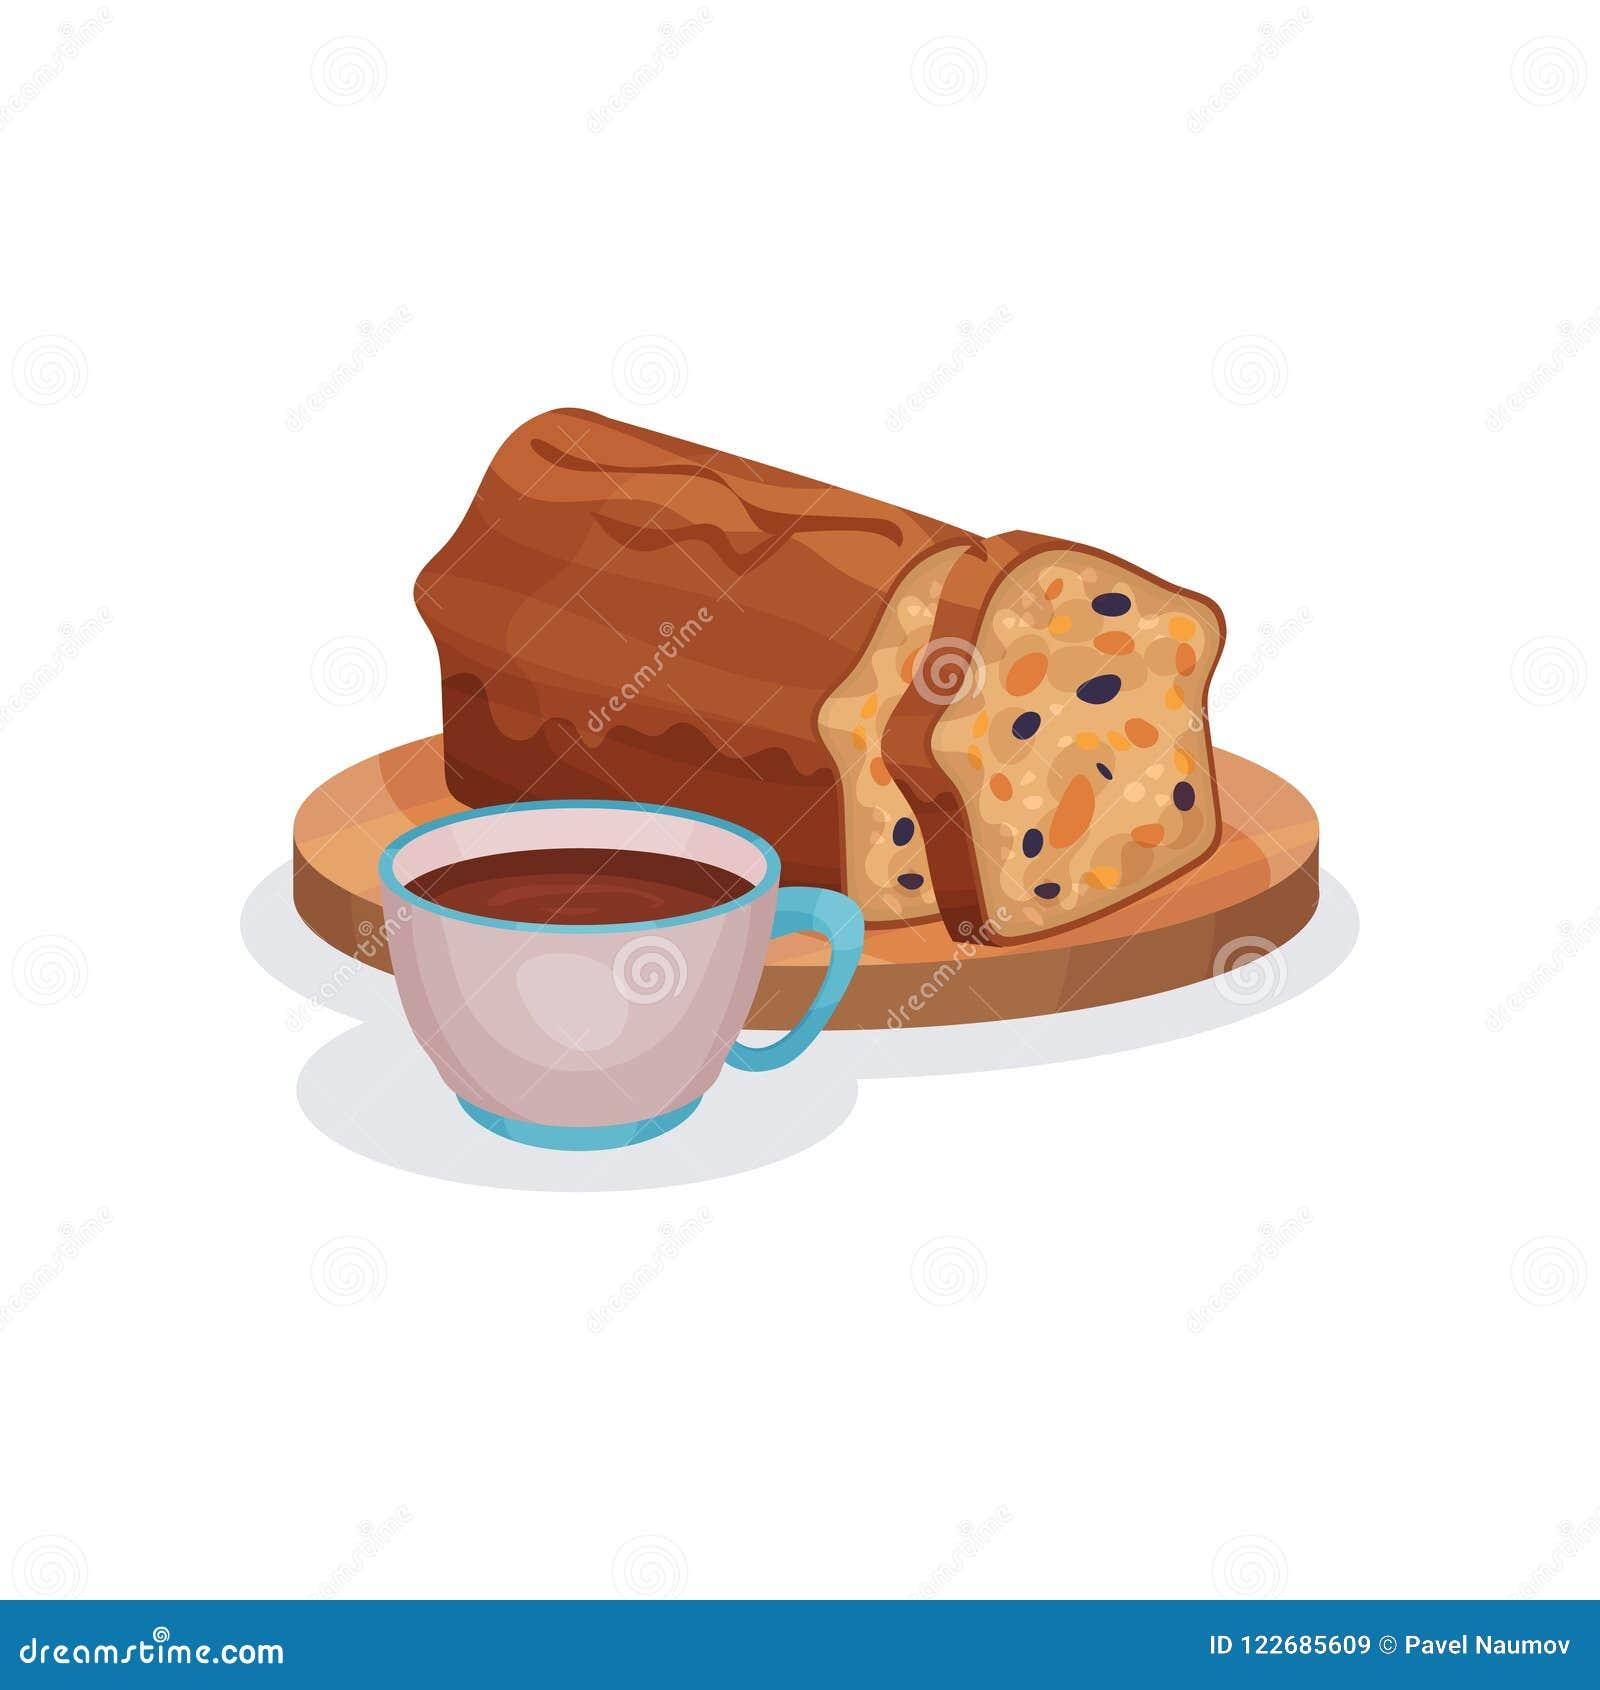 Klassischer Fruchtkuchen mit kandierter Frucht und Tasse Tee, traditionelle Illustration Vektor des englischen Frühstücks auf ein